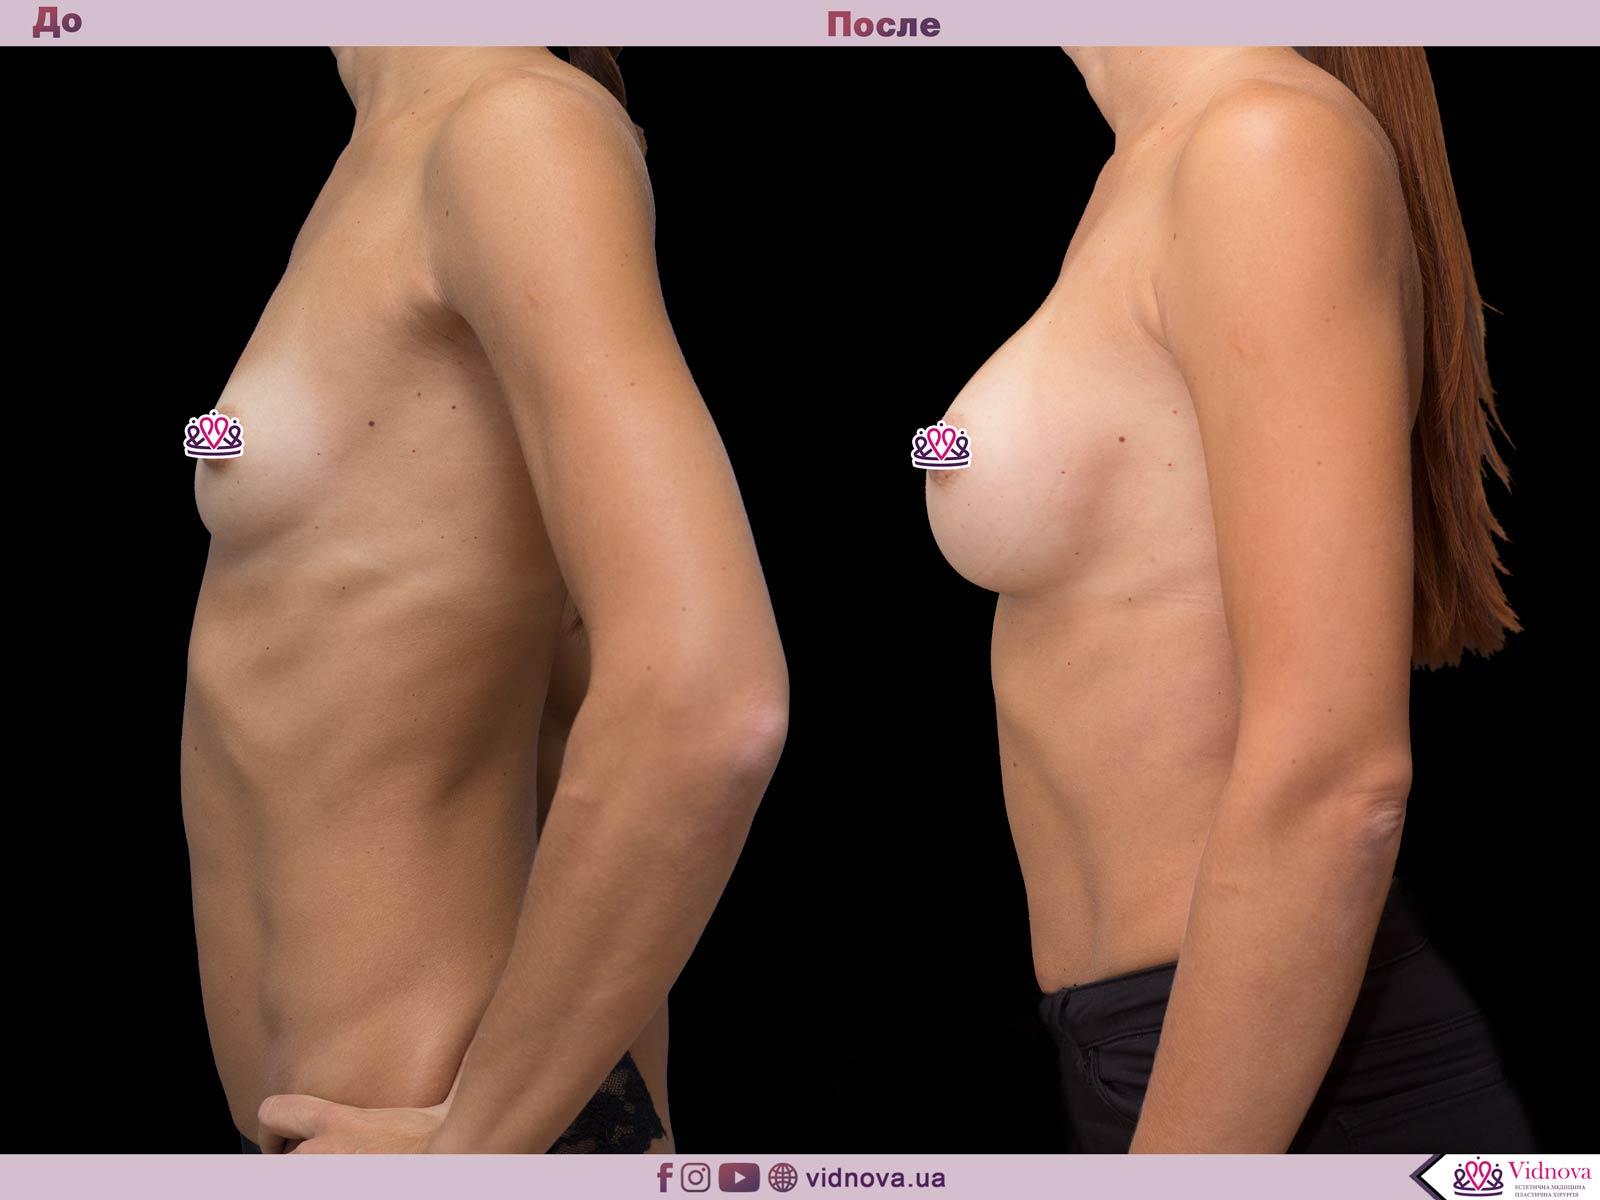 Пластика груди: результаты до и после - Пример №55-2 - Светлана Работенко